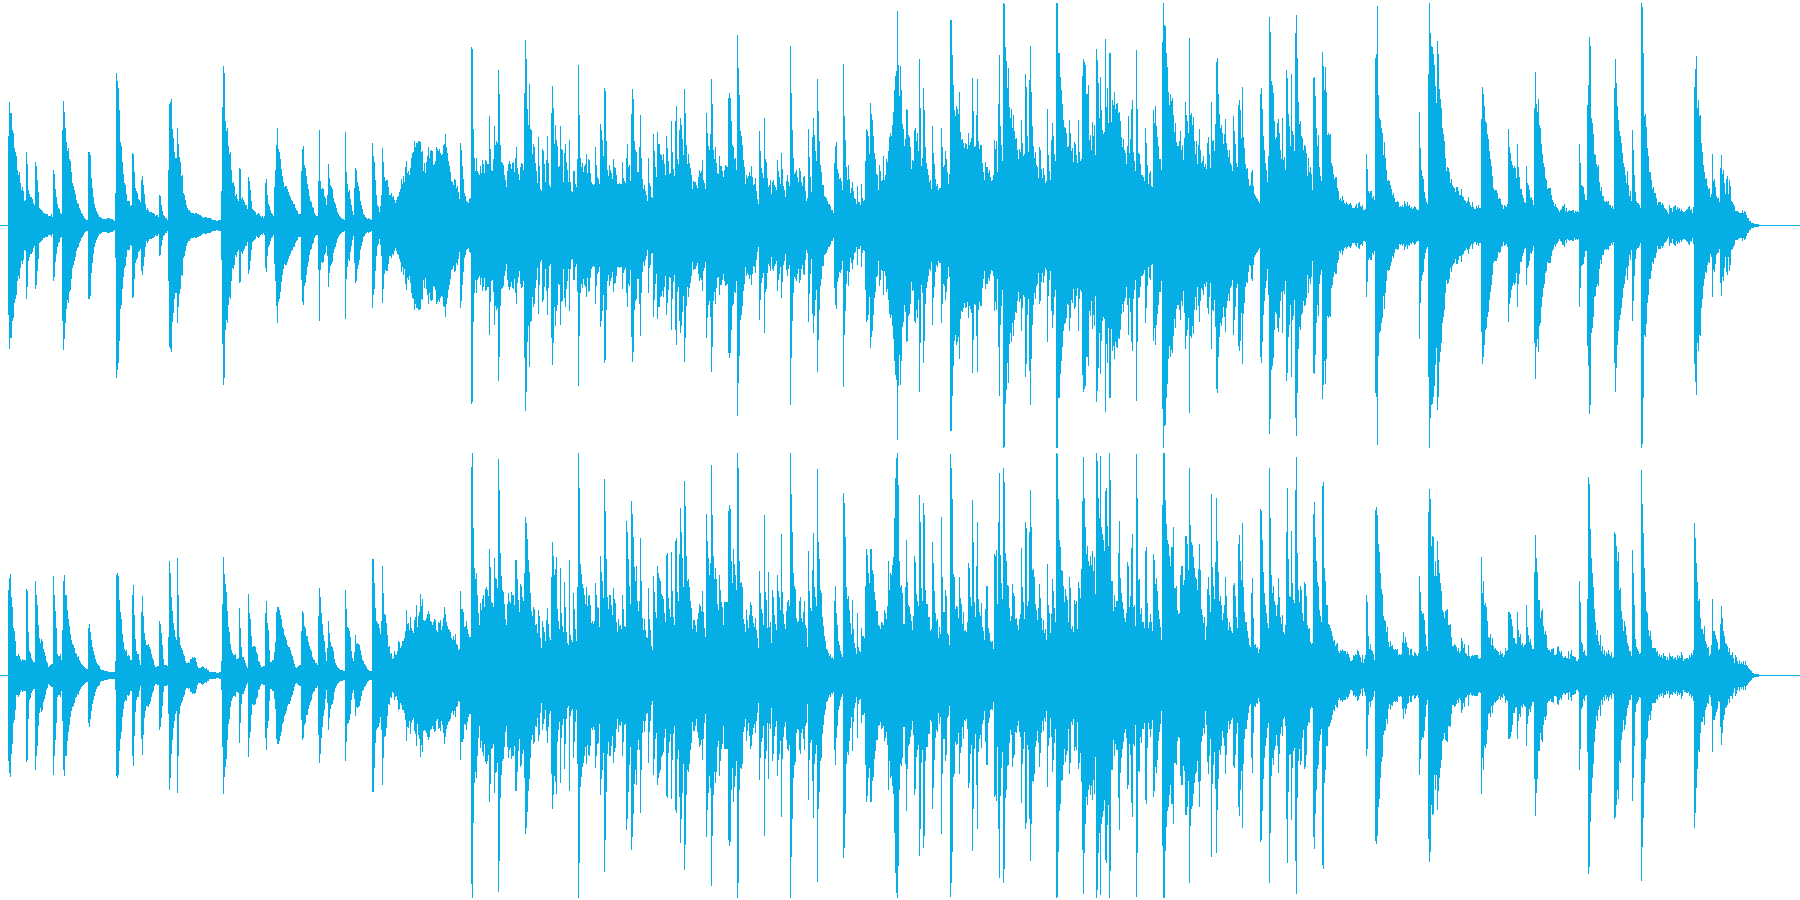 ピアノを主とした浮遊感のあるBGMの再生済みの波形